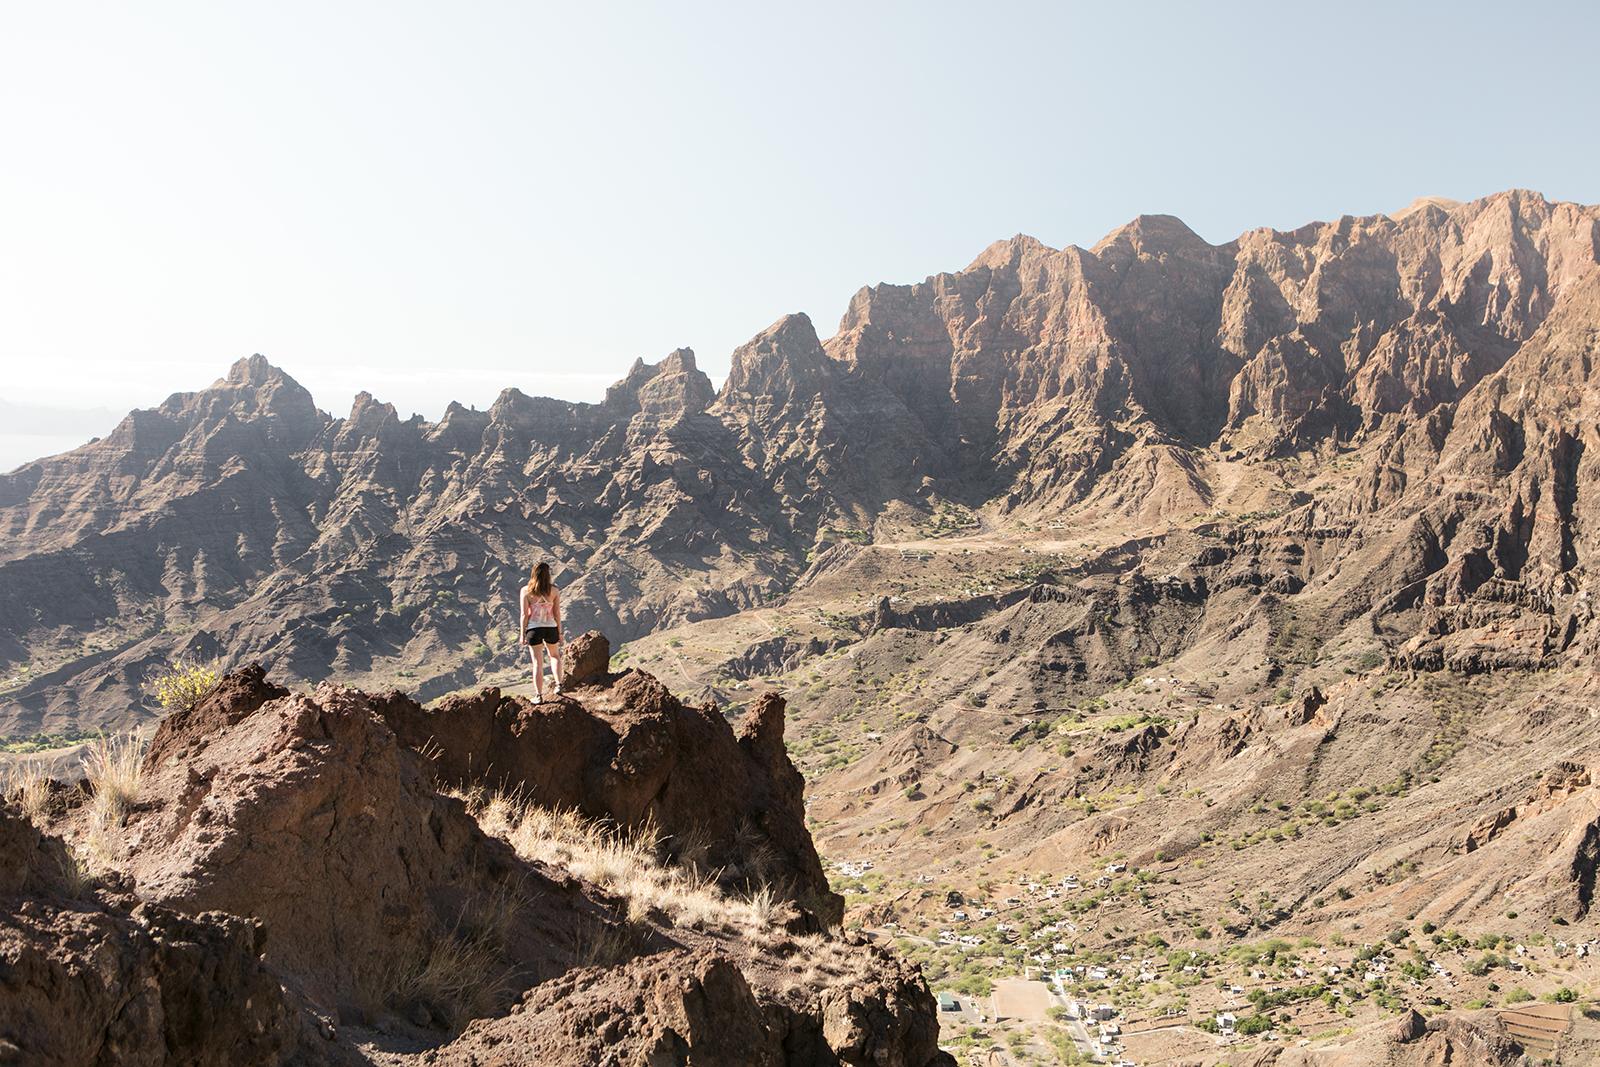 Montagnes rocheuses au Cap Vert